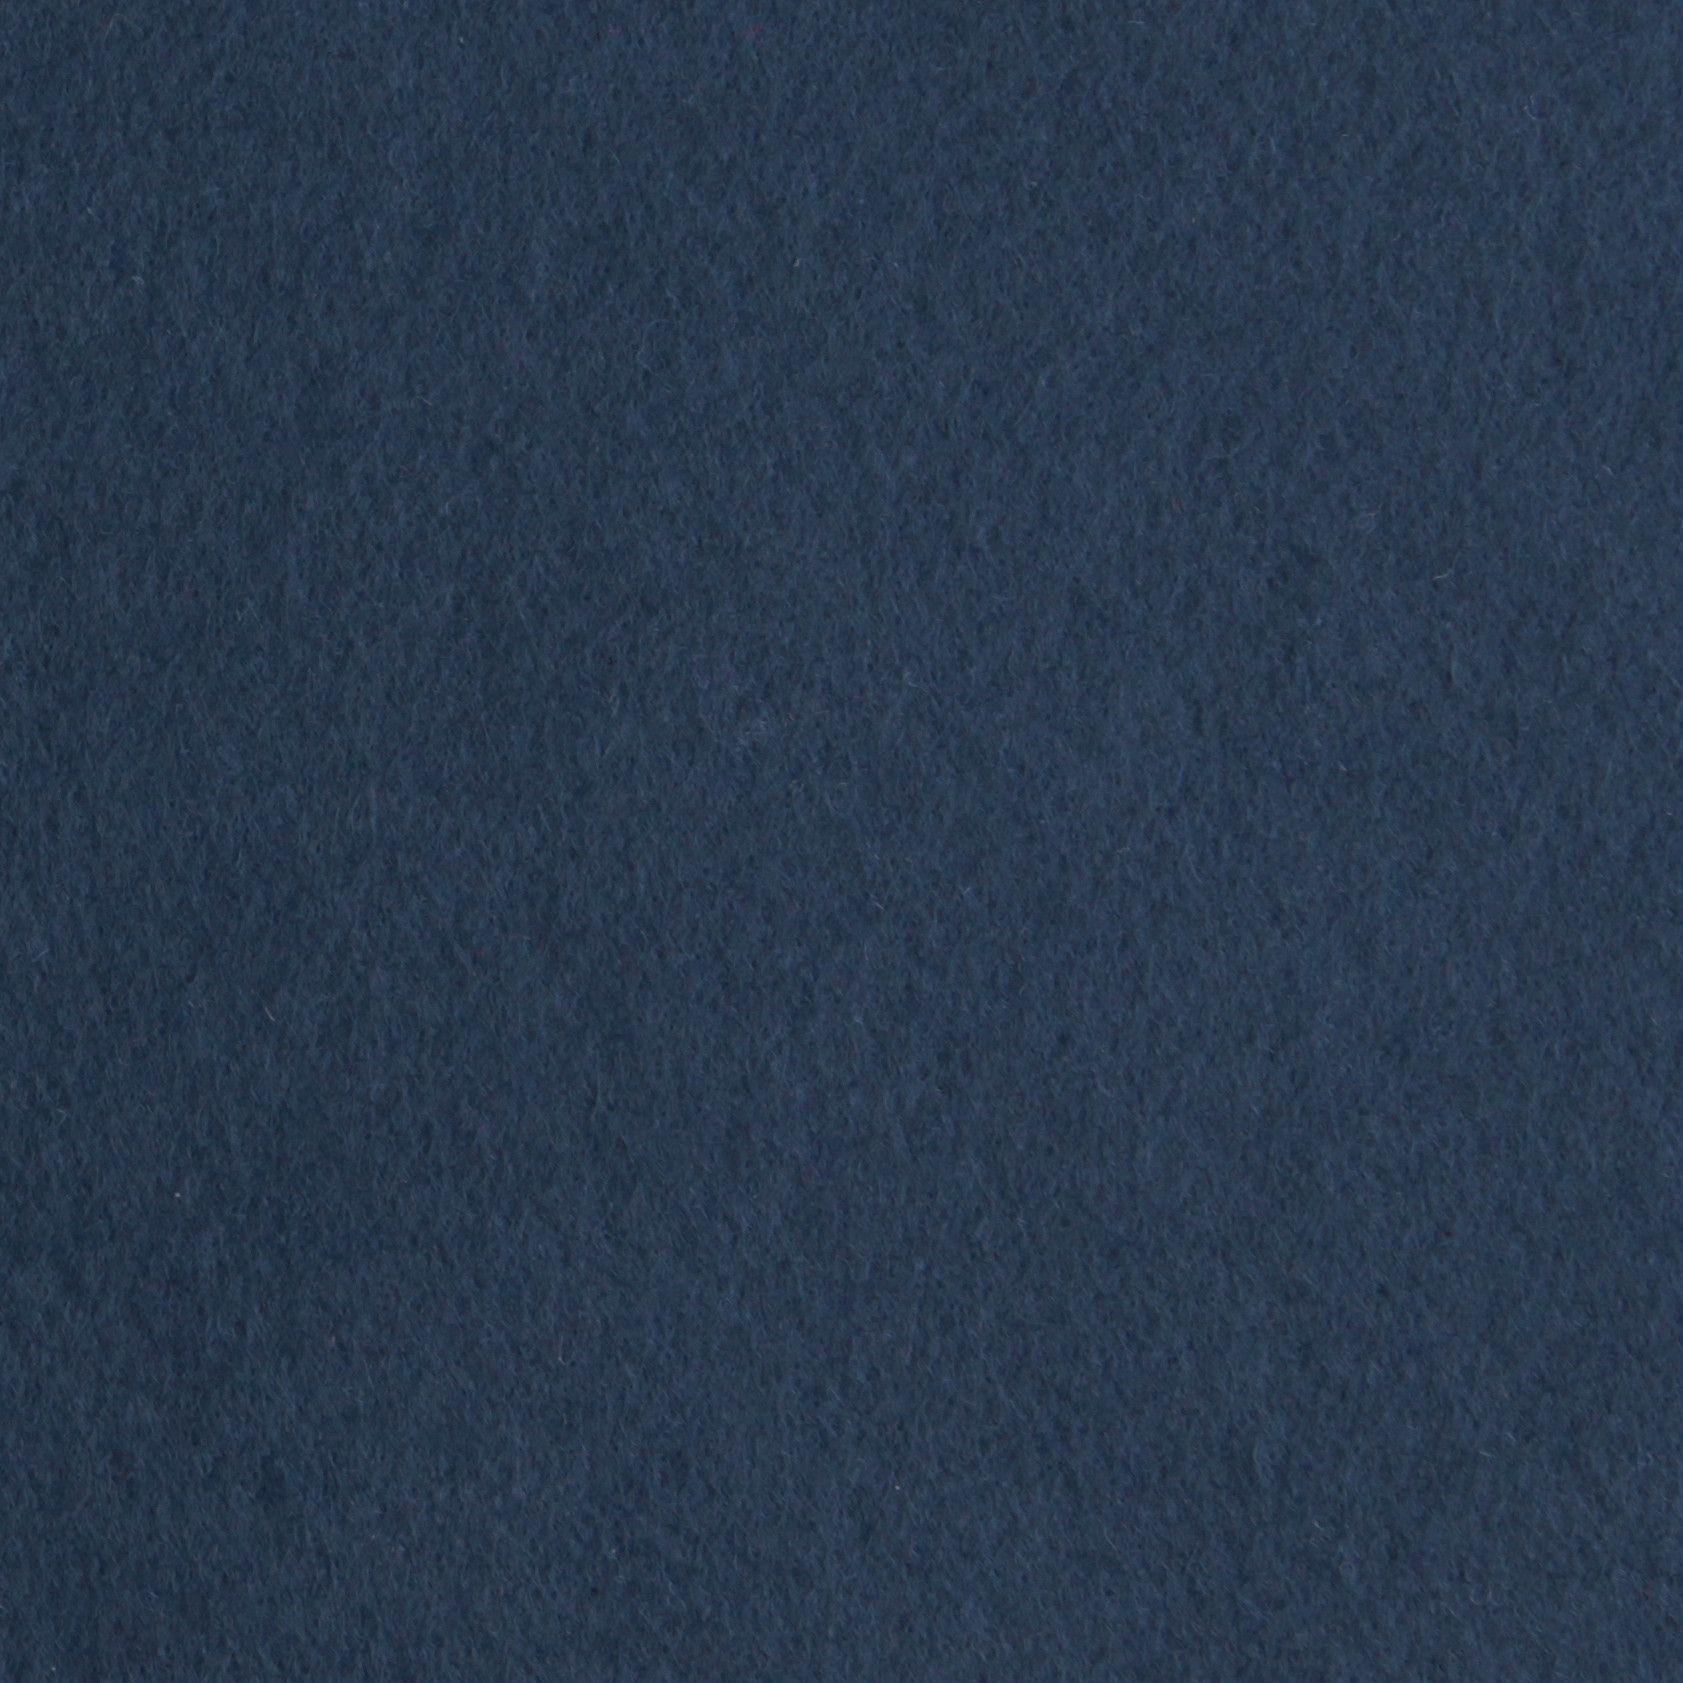 Midnight Wool Blend Felt Curtains, Textured wallpaper